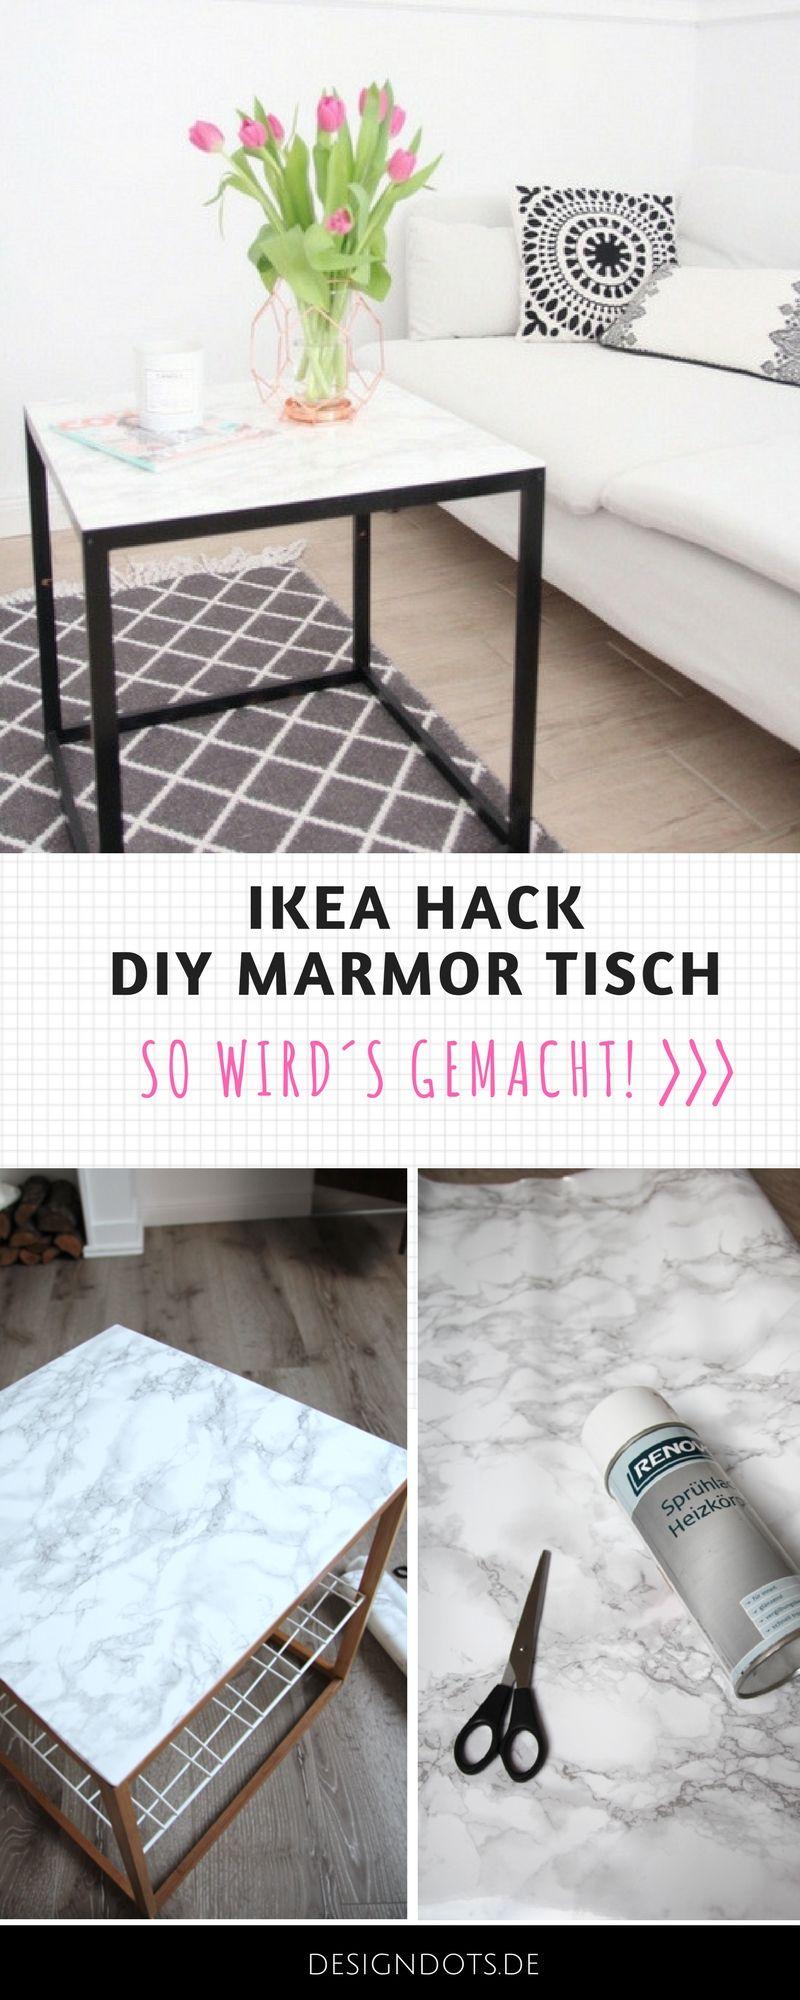 Ikea Hack, Marmortisch, Tisch Selbst Bauen, Möbel Selbst Bauen, Couchtisch  Aufpimpen Ikea